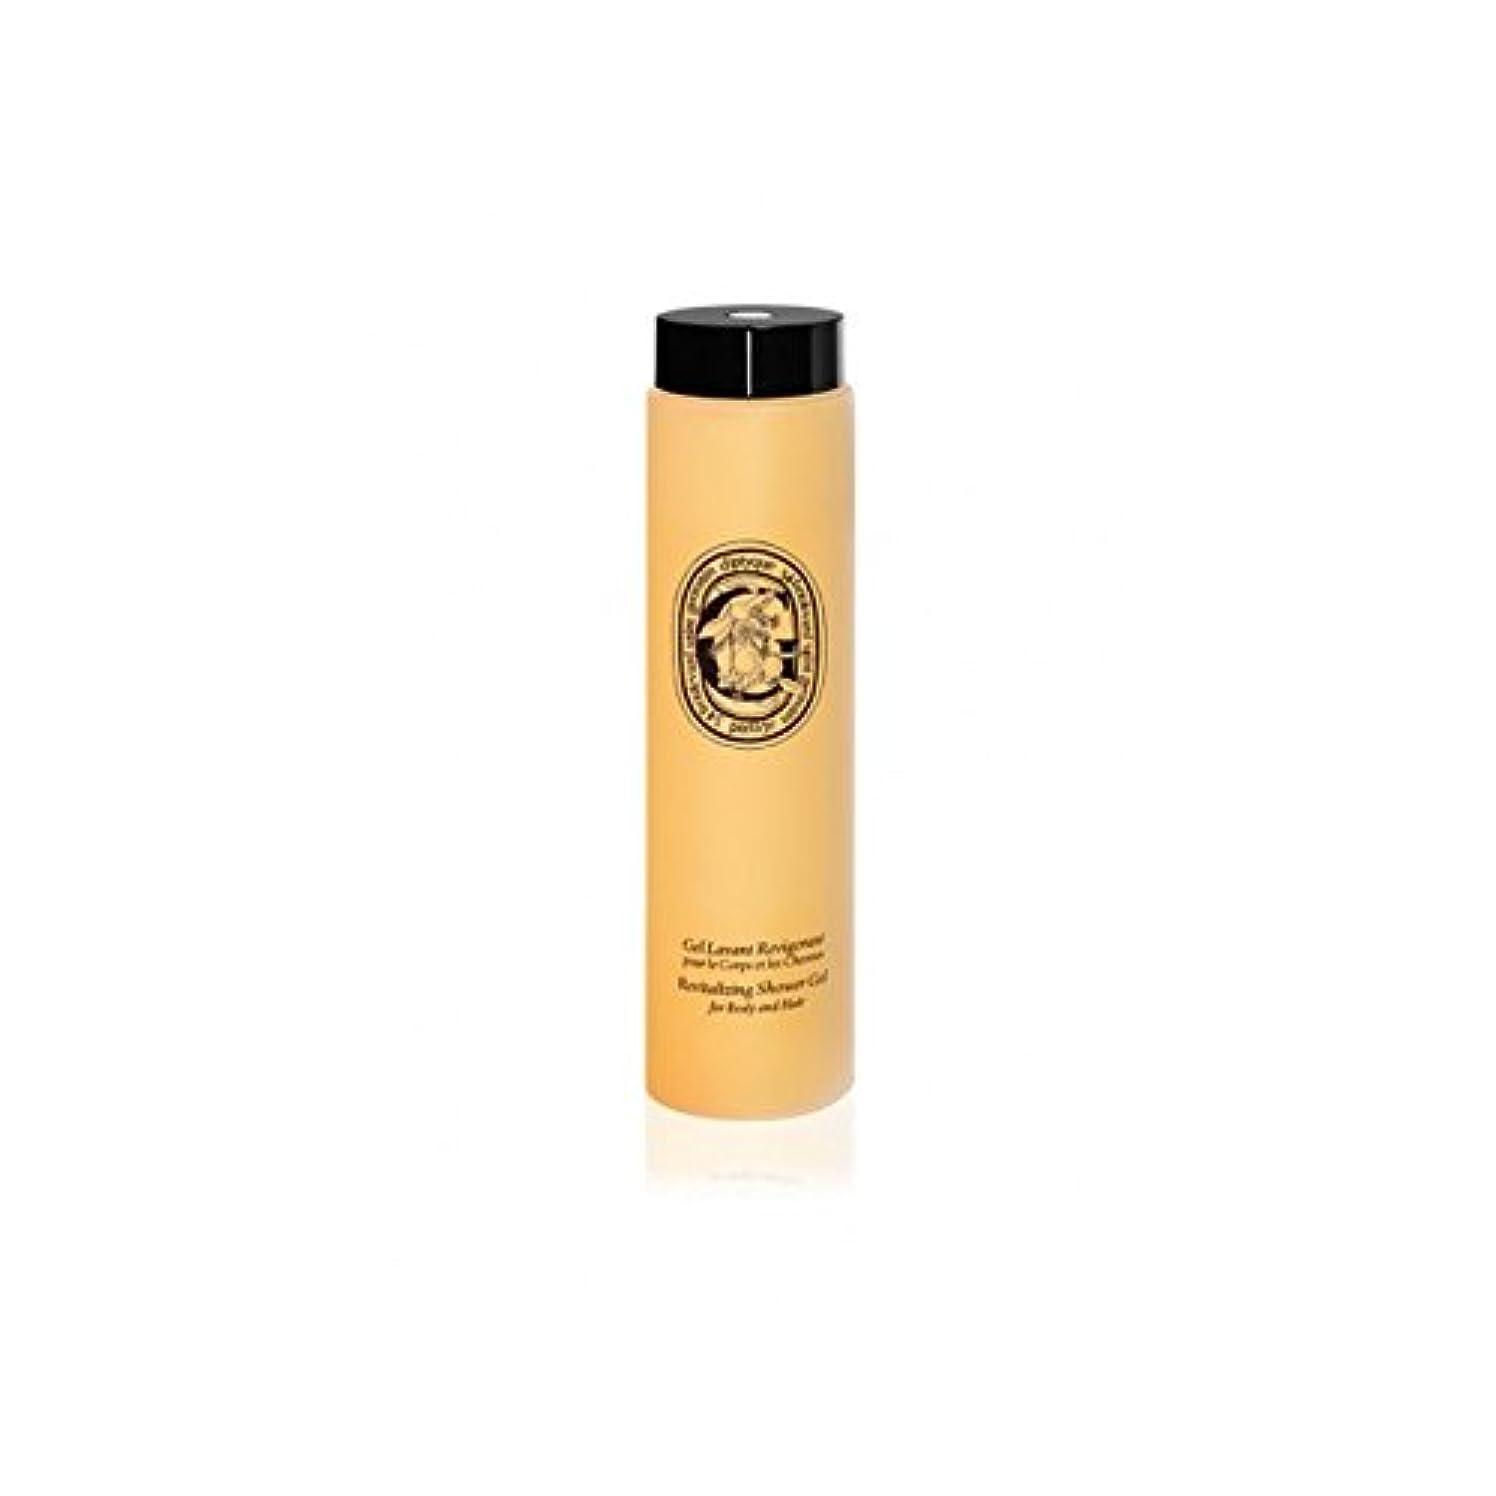 横向き掃くセットするボディ、ヘア200ミリリットルのためDiptyqueのリバイタライジングシャワージェル - Diptyque Revitalizing Shower Gel For Body And Hair 200ml (Diptyque) [並行輸入品]